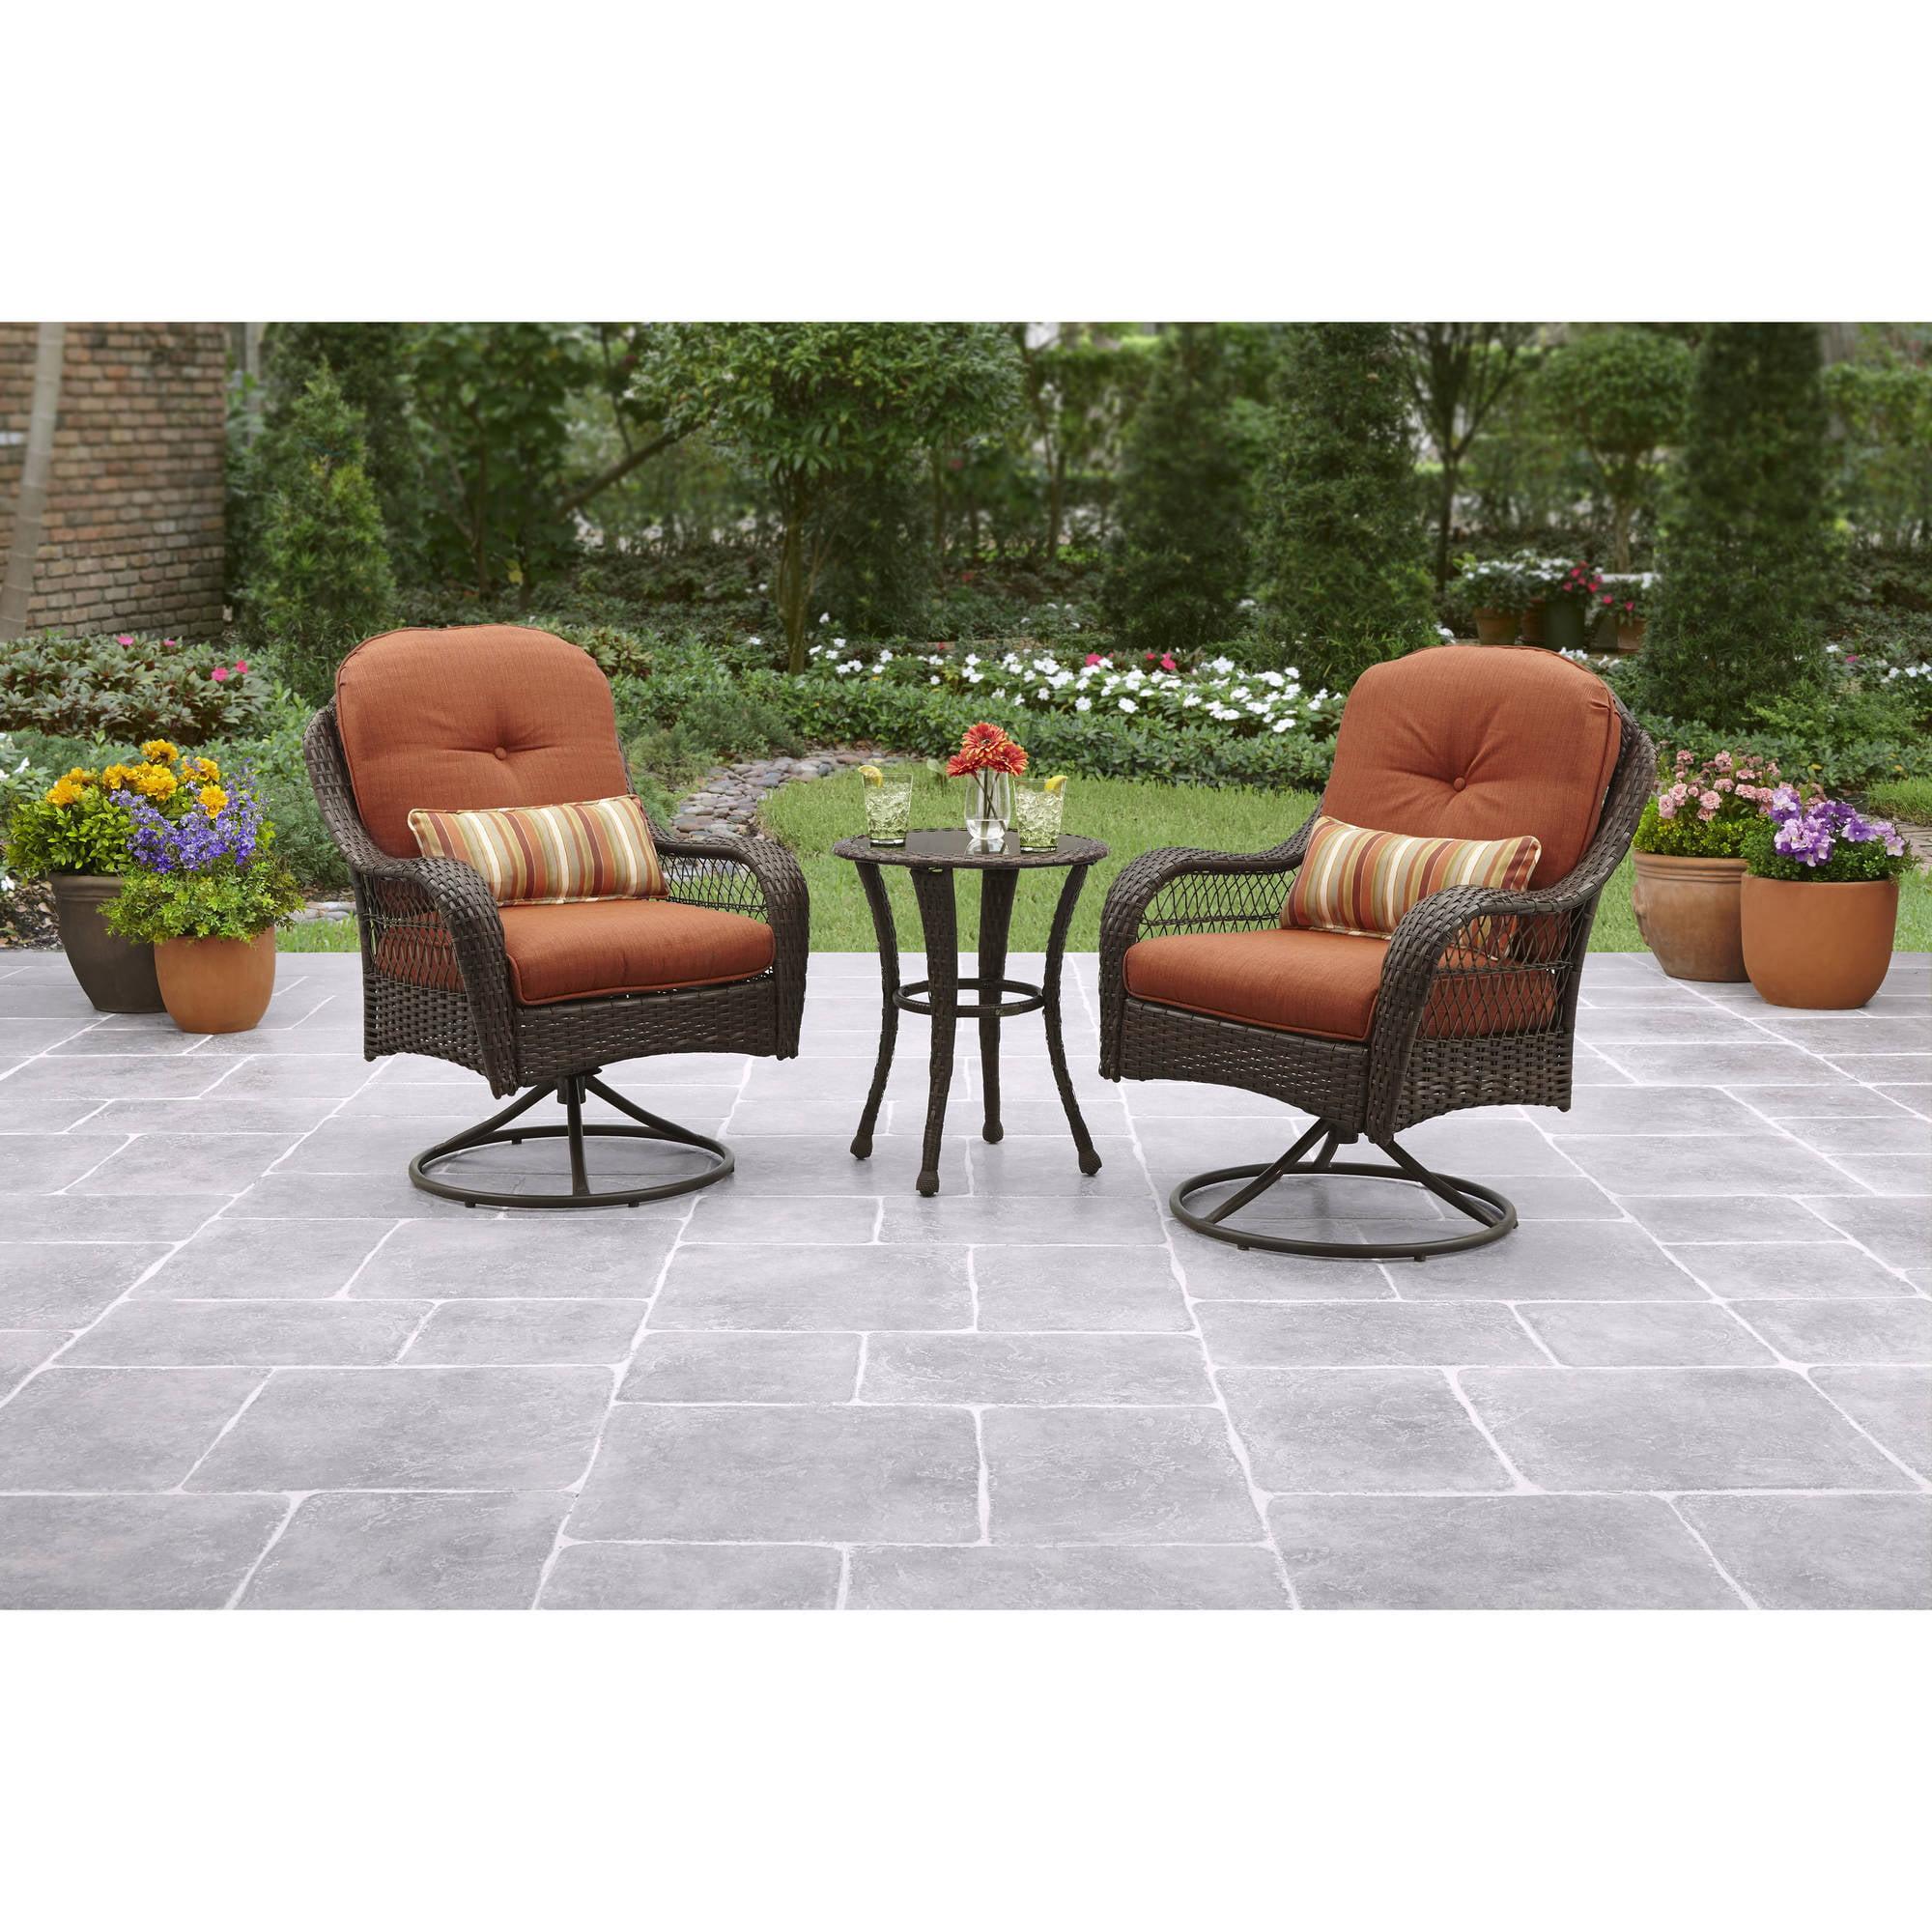 Better Homes and Gardens Azalea Ridge 3-Piece Outdoor Bistro Set, Seats 2